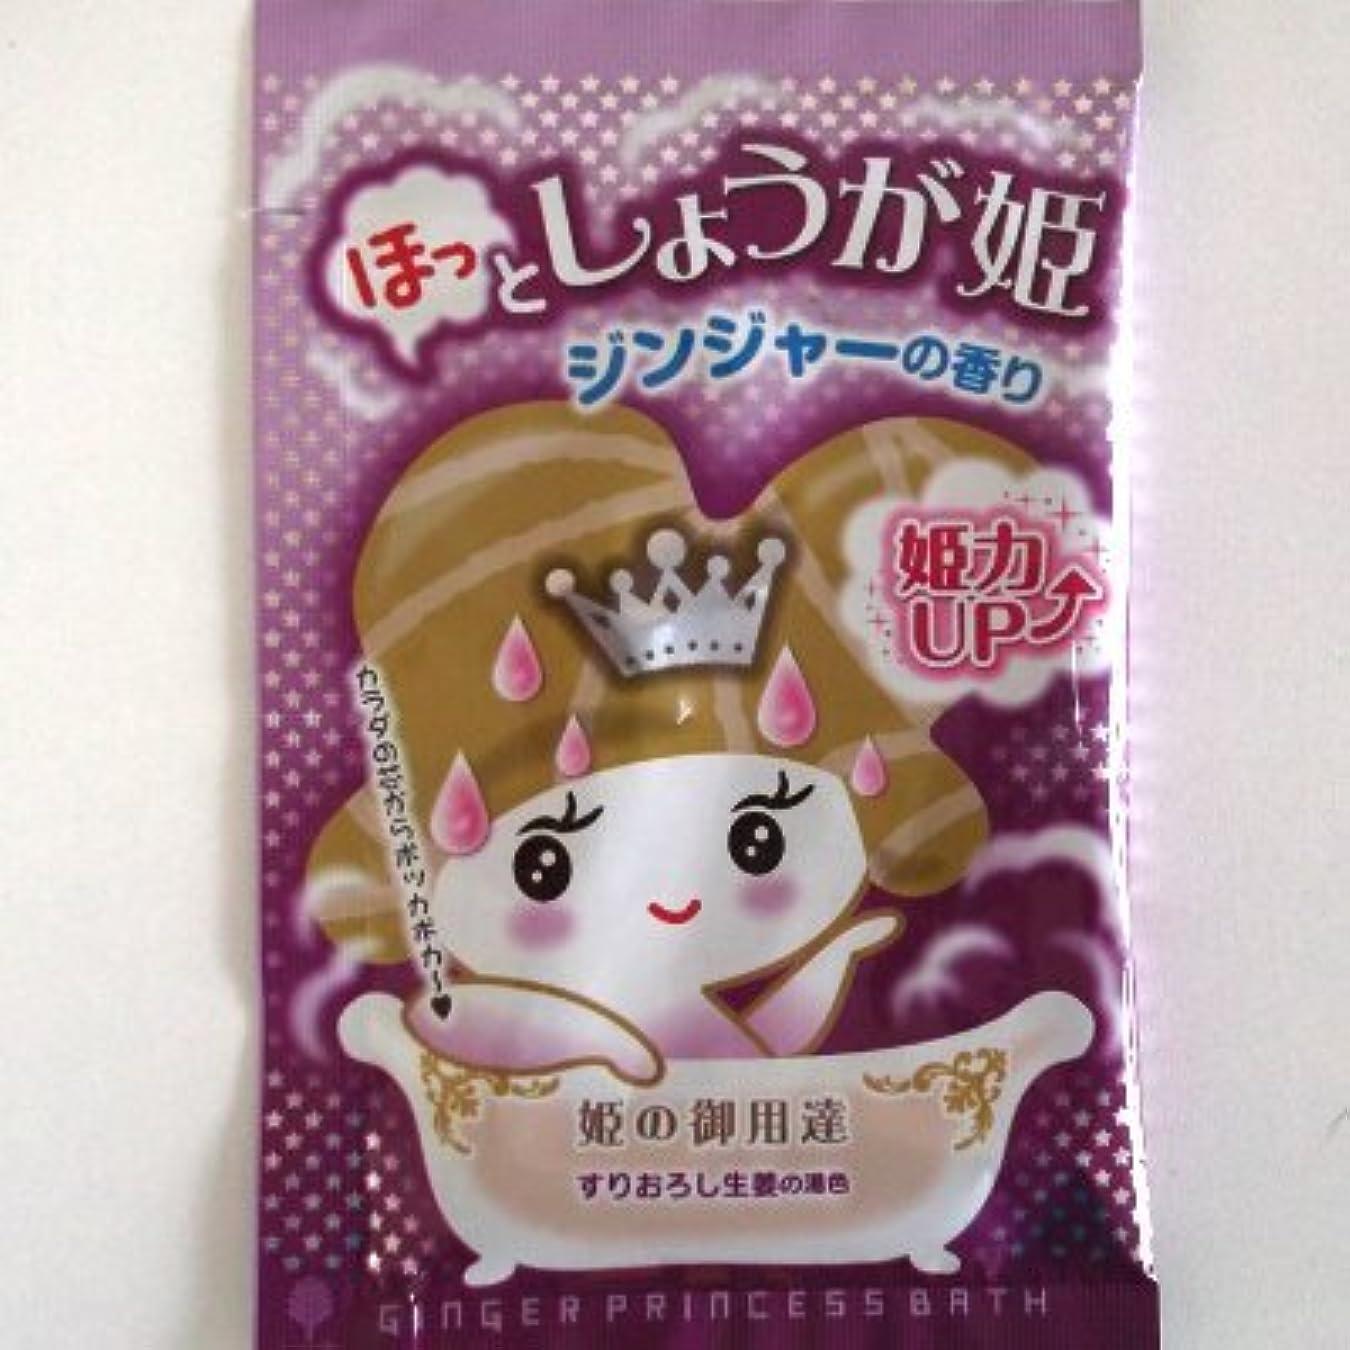 リビジョン病遠え紀陽除虫菊 ほっとしょうが姫 ジャンジャーの香り【まとめ買い12個セット】 N-8403